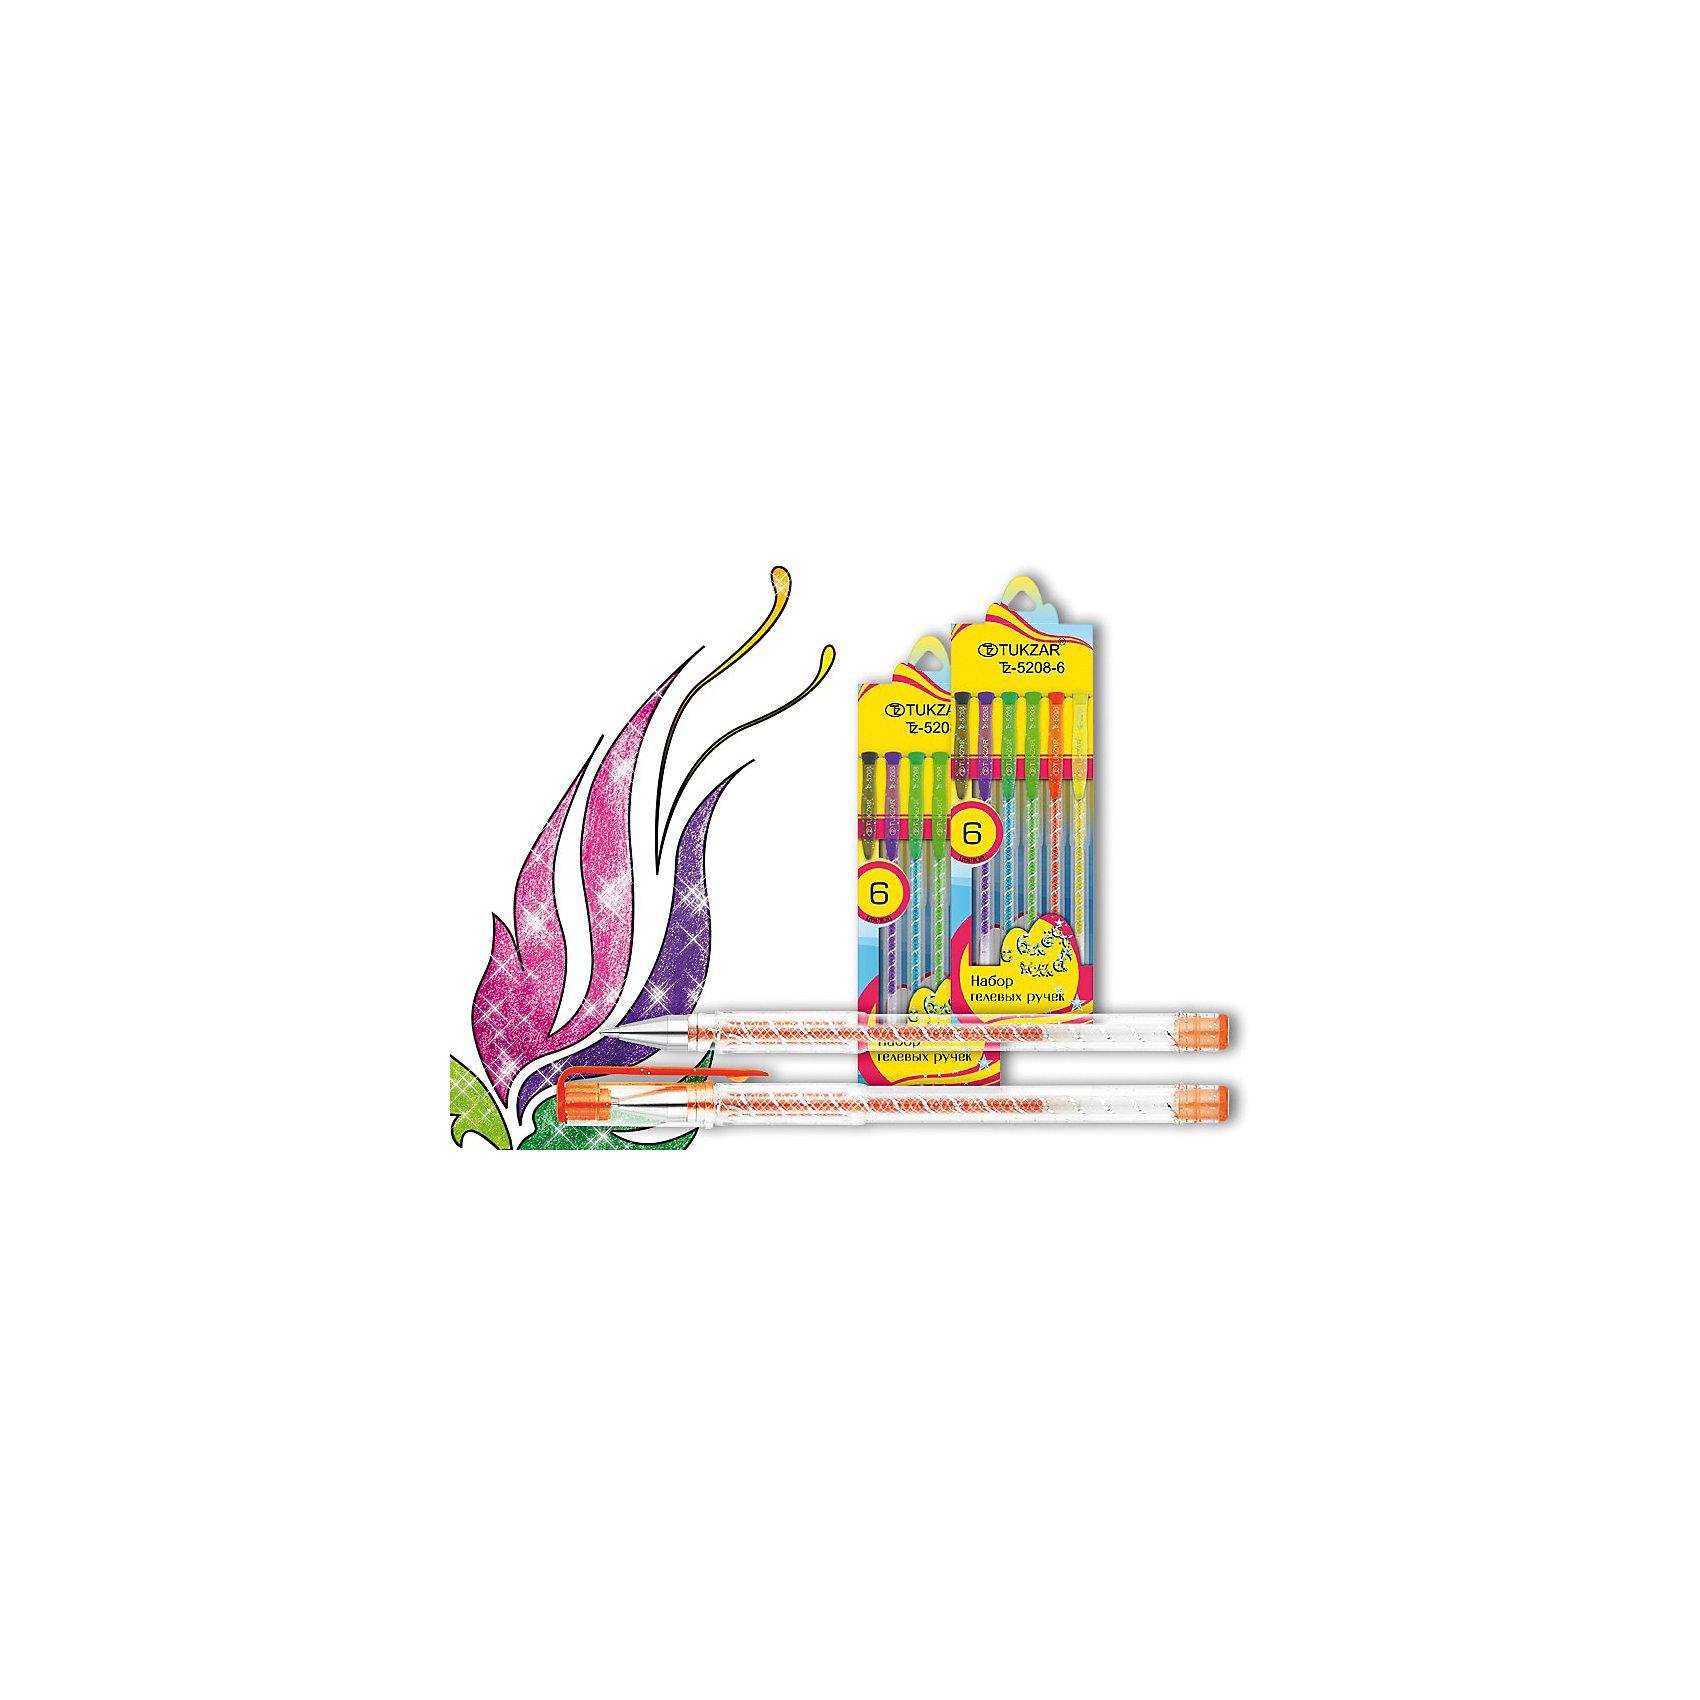 TUKZAR TUKZAR Набор гелевых ручек суперметаллик 6 цв. ручки centrum набор цветных гелевых ручек 6 цветов